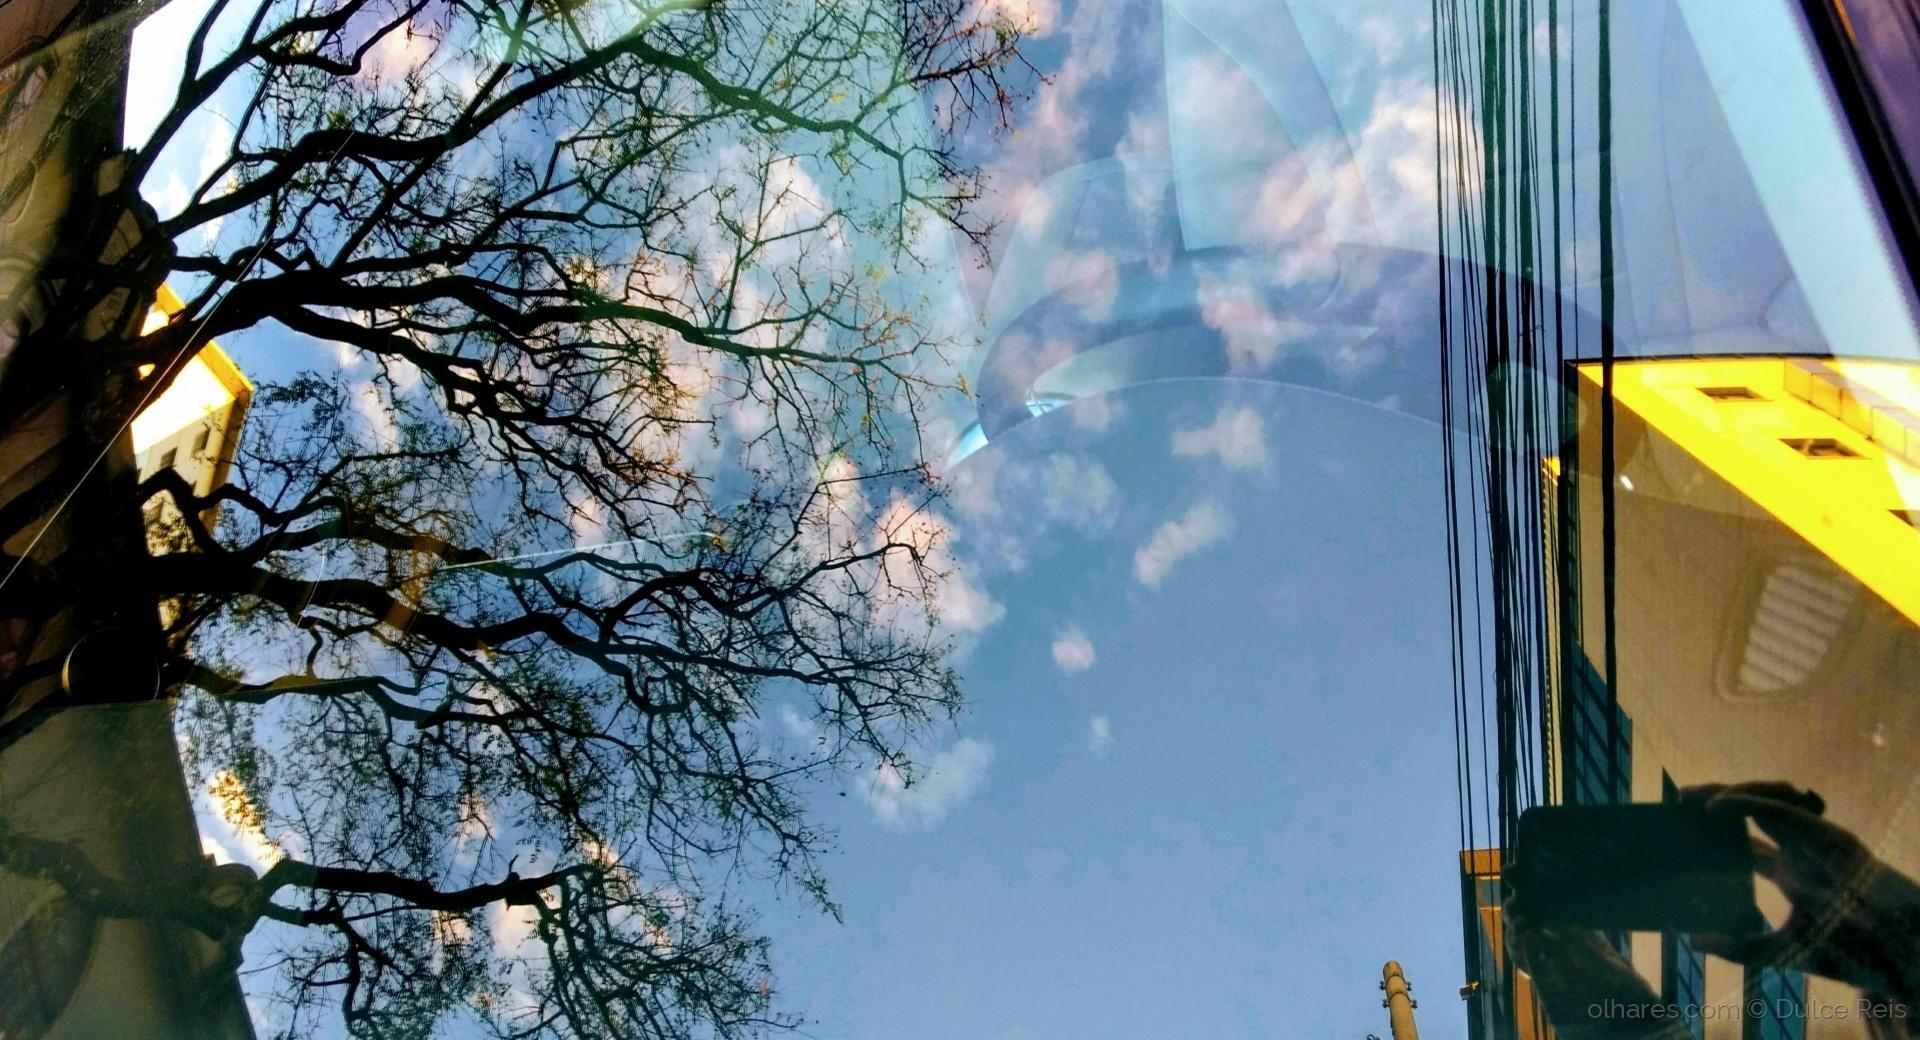 Abstrato/Reflexos no meu carro-reflexos de mim